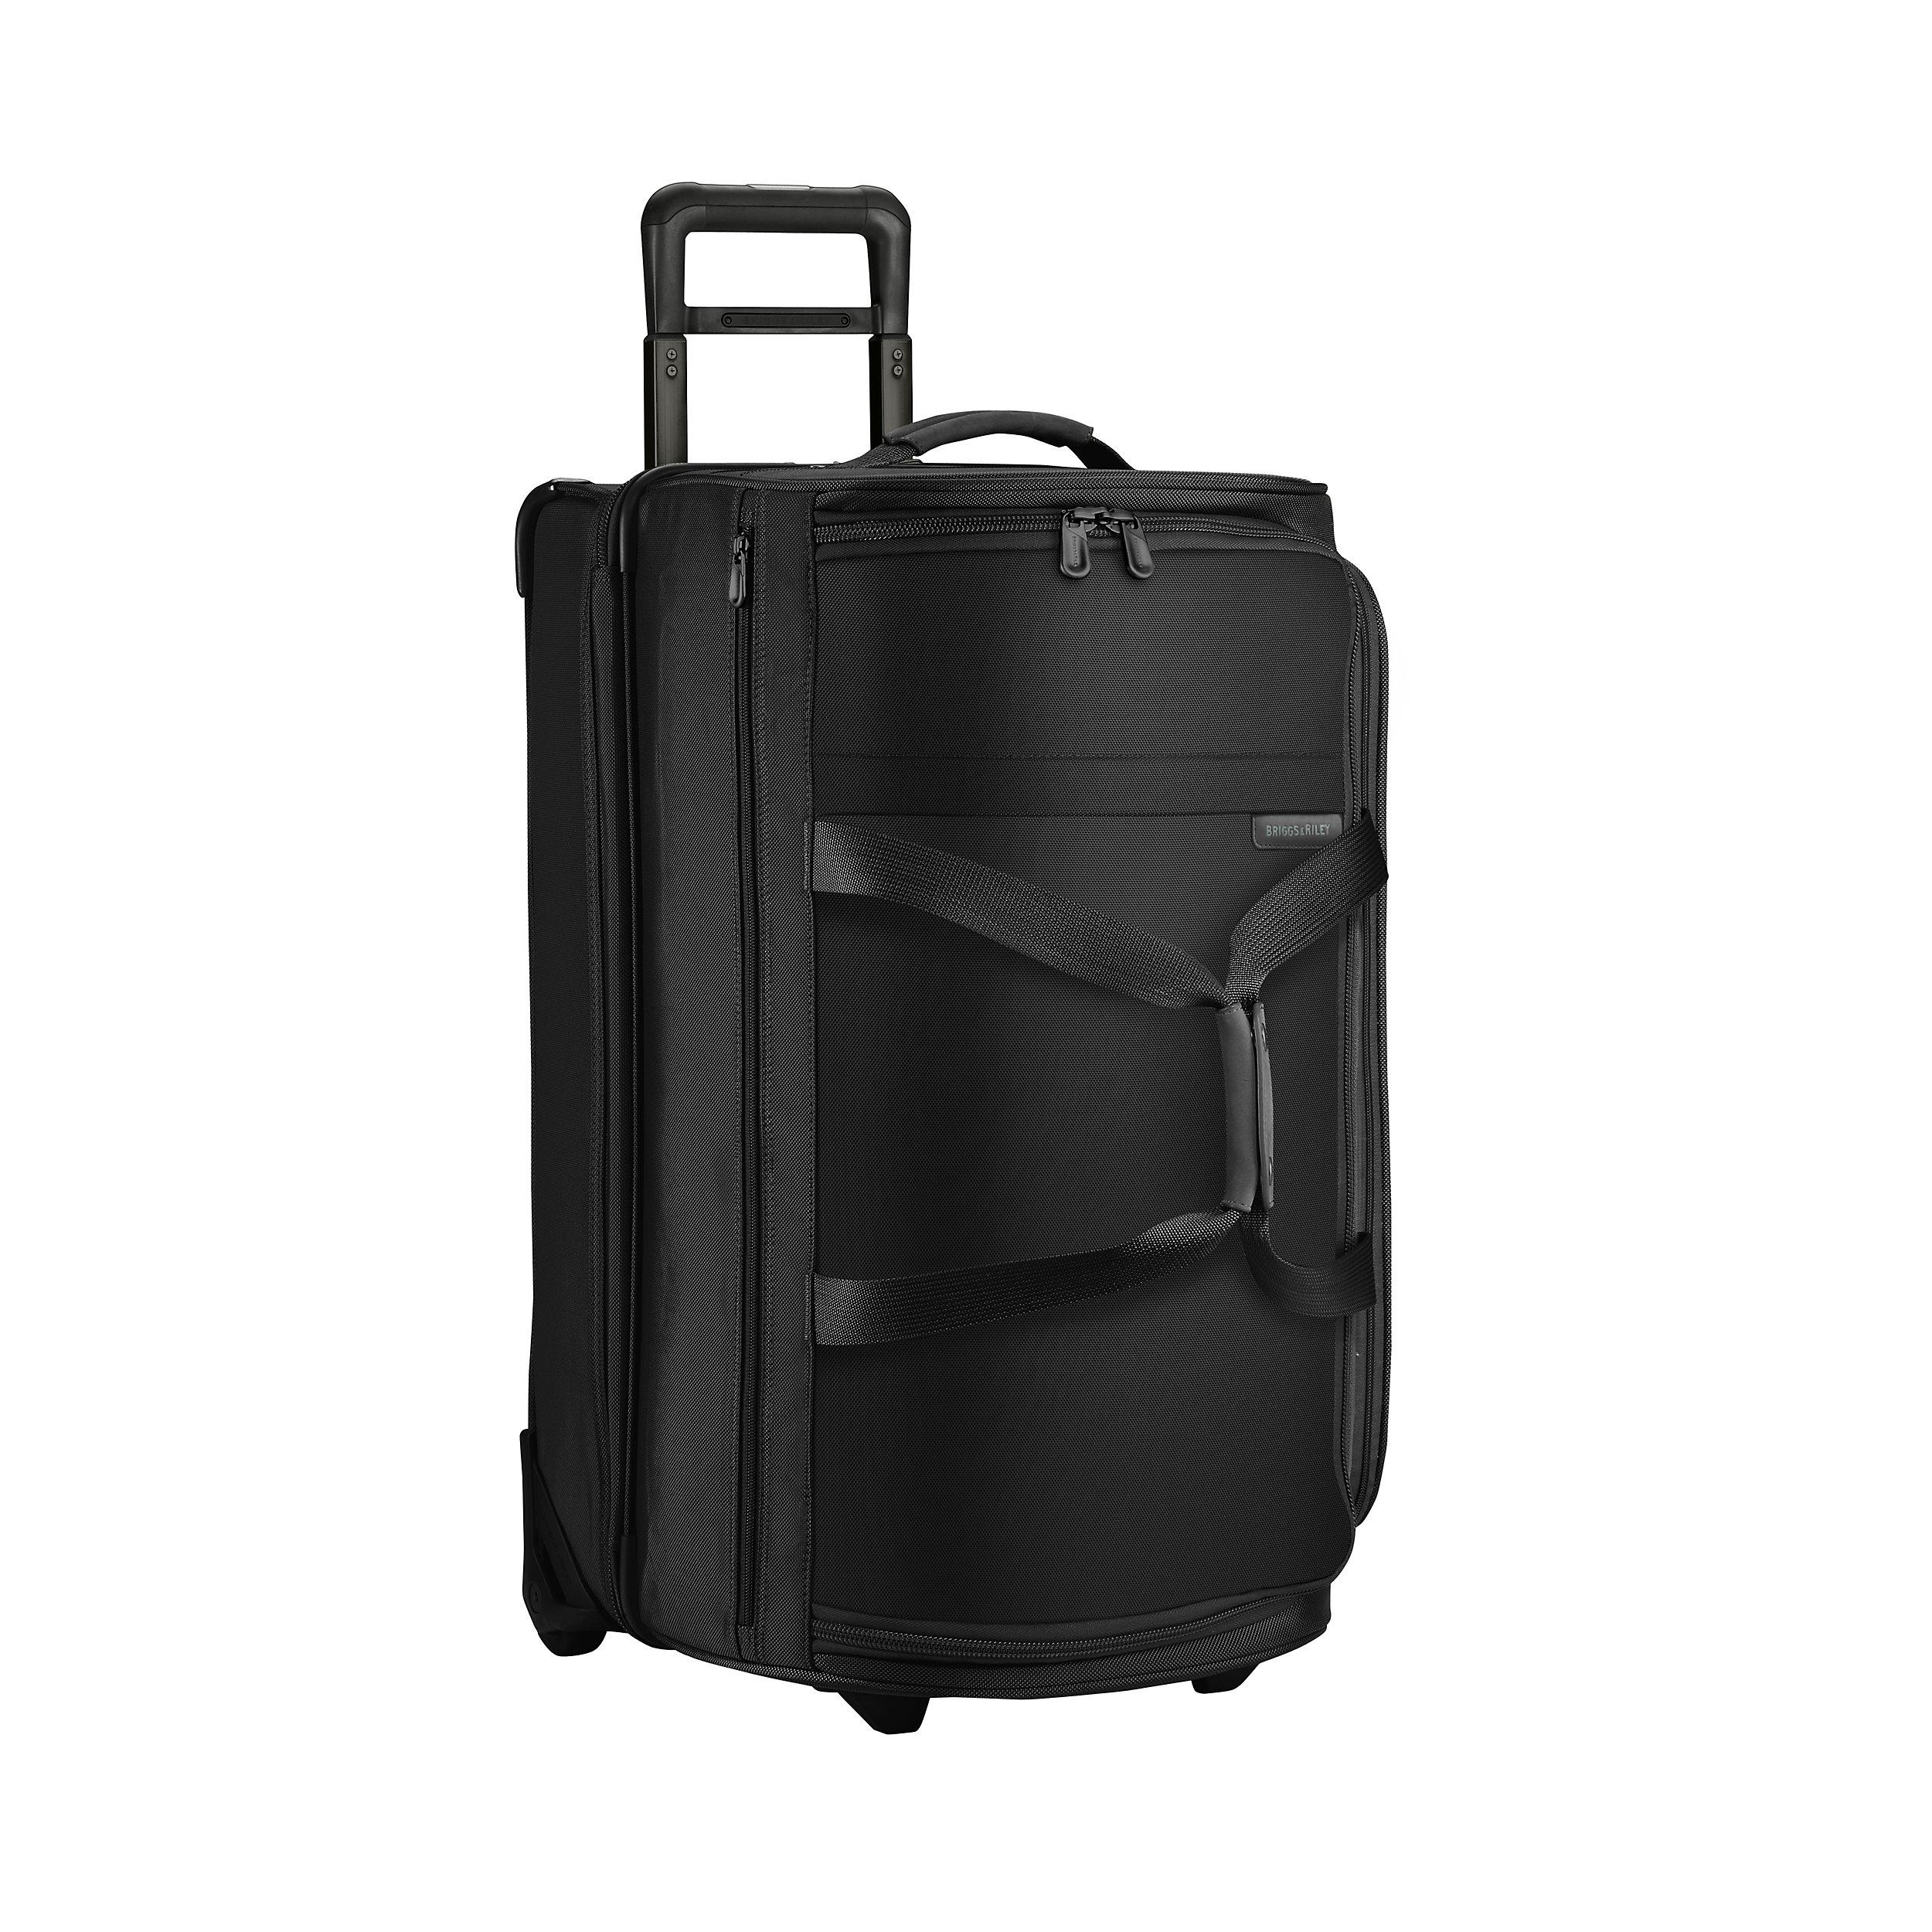 Rollenreisetasche mit 2 Rollen M Baseline L 91.2 Liter